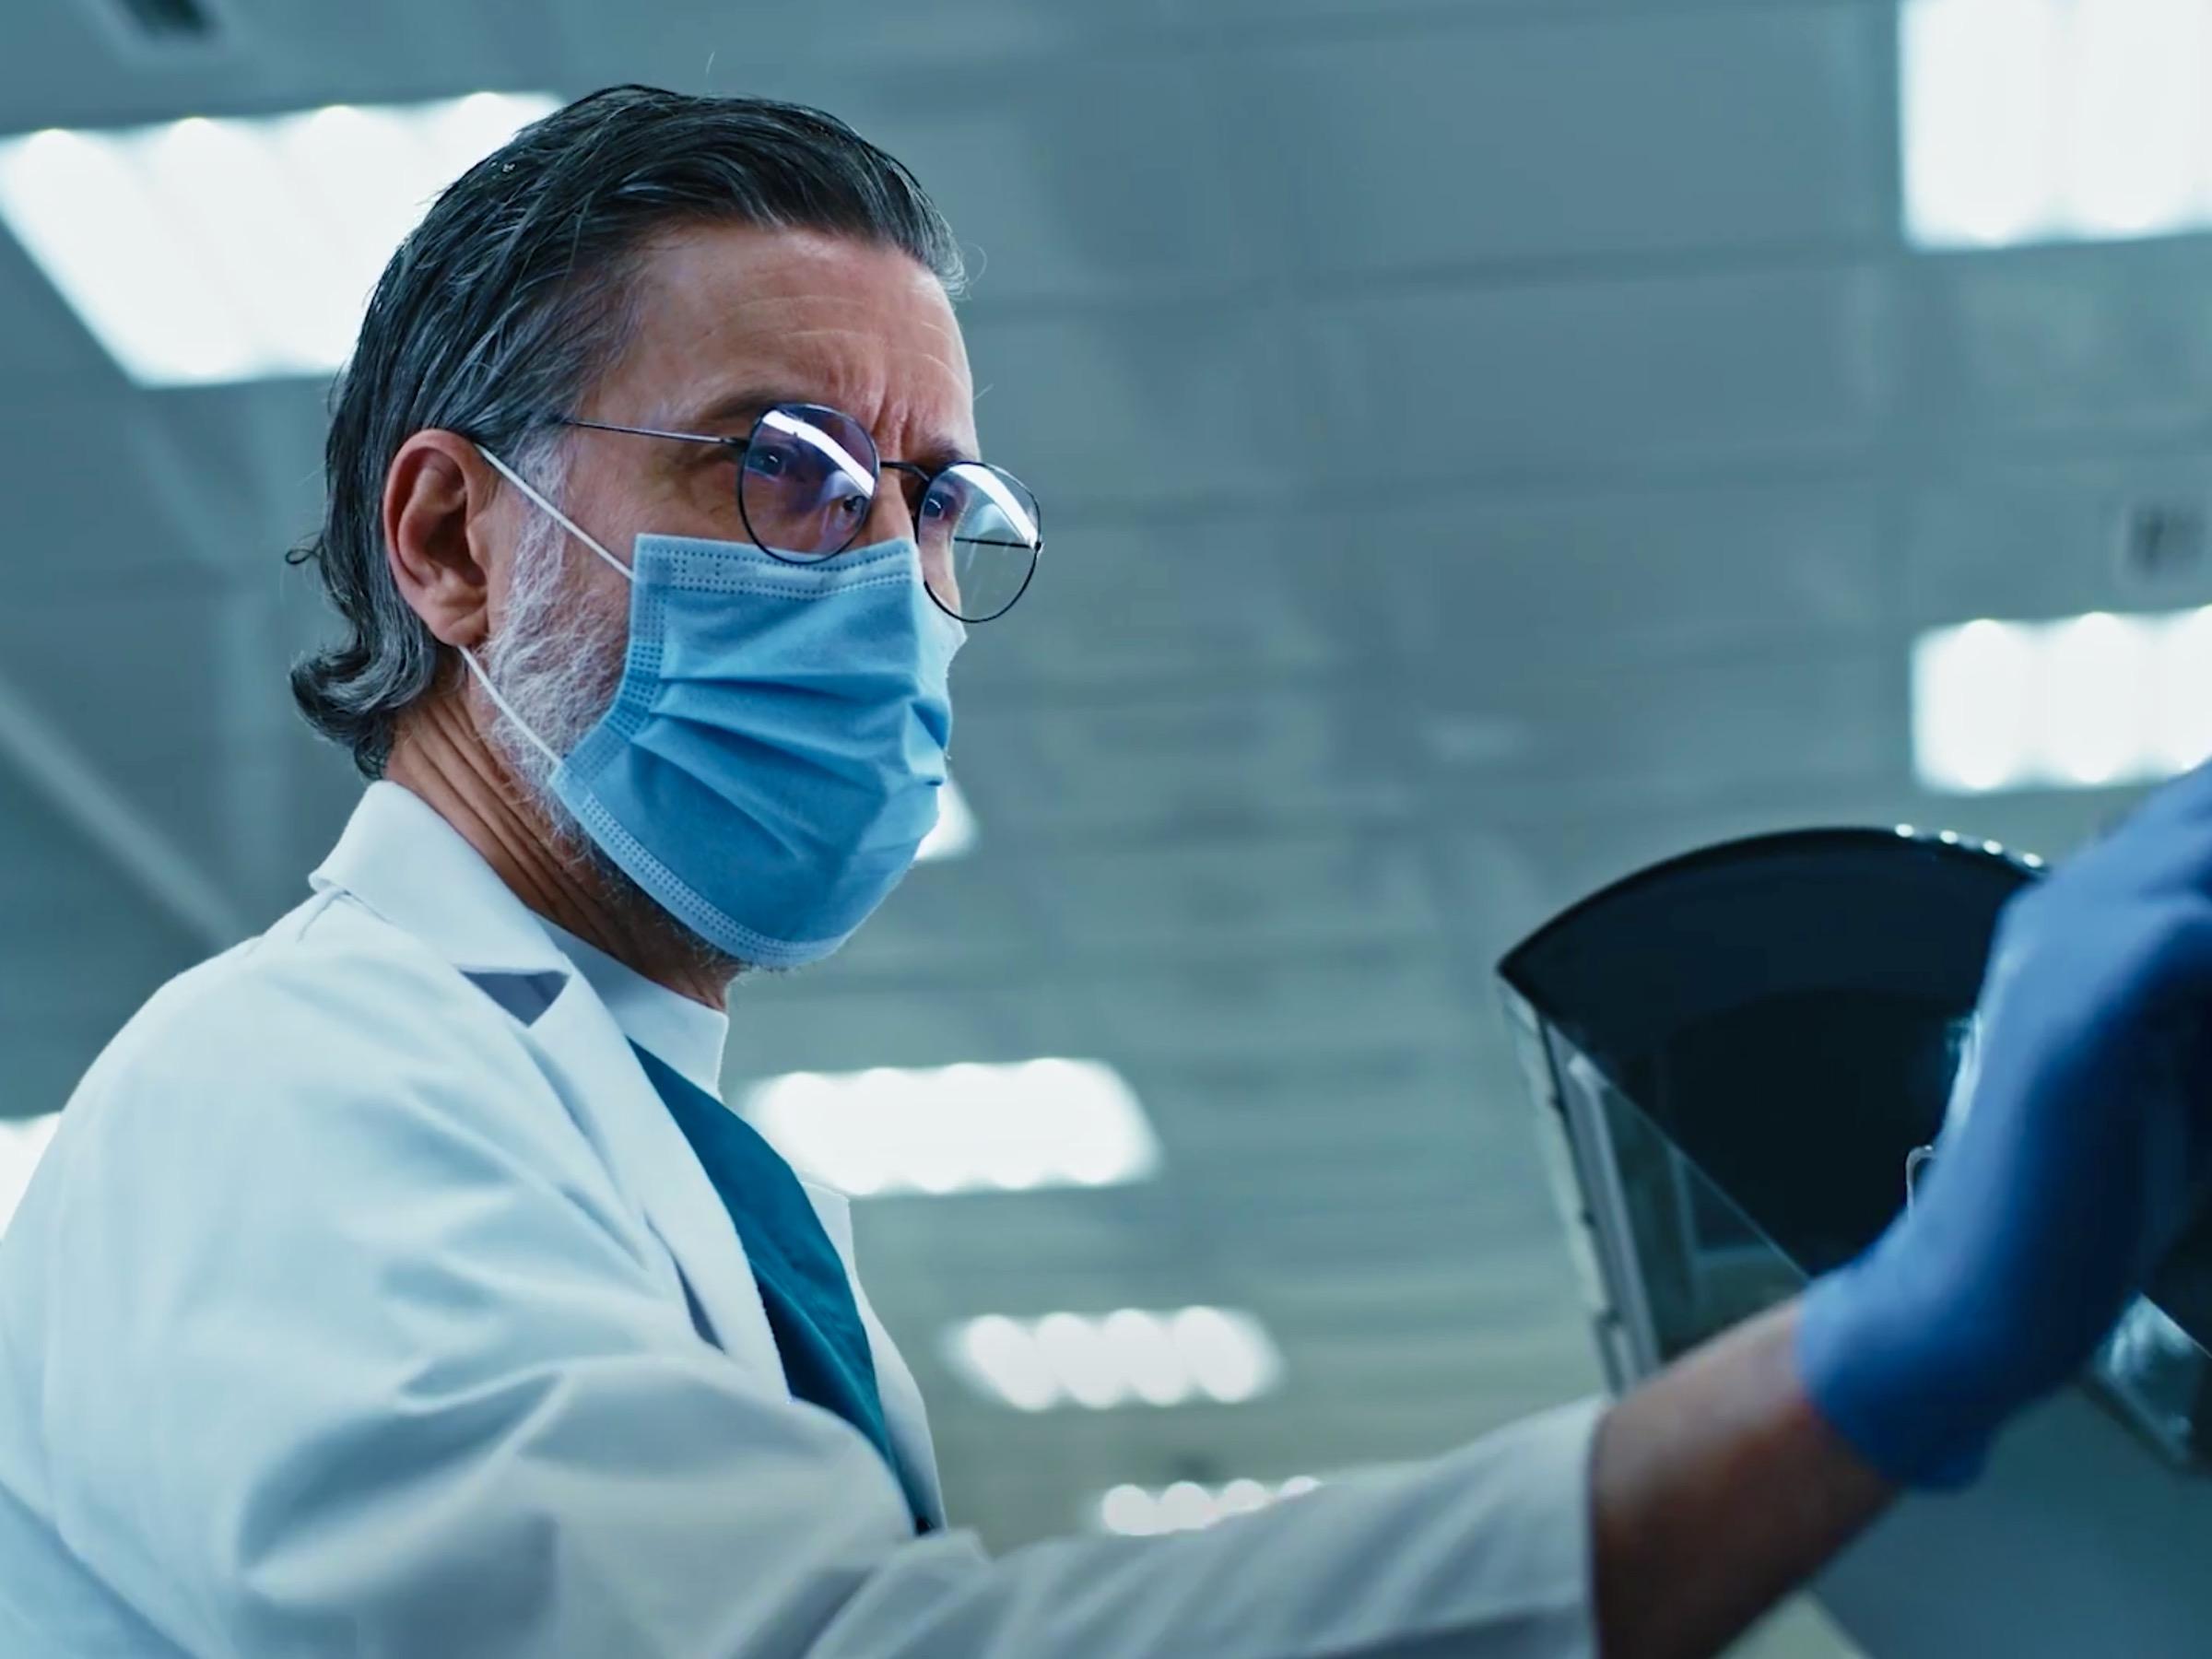 duolingo CEO with blue shirt